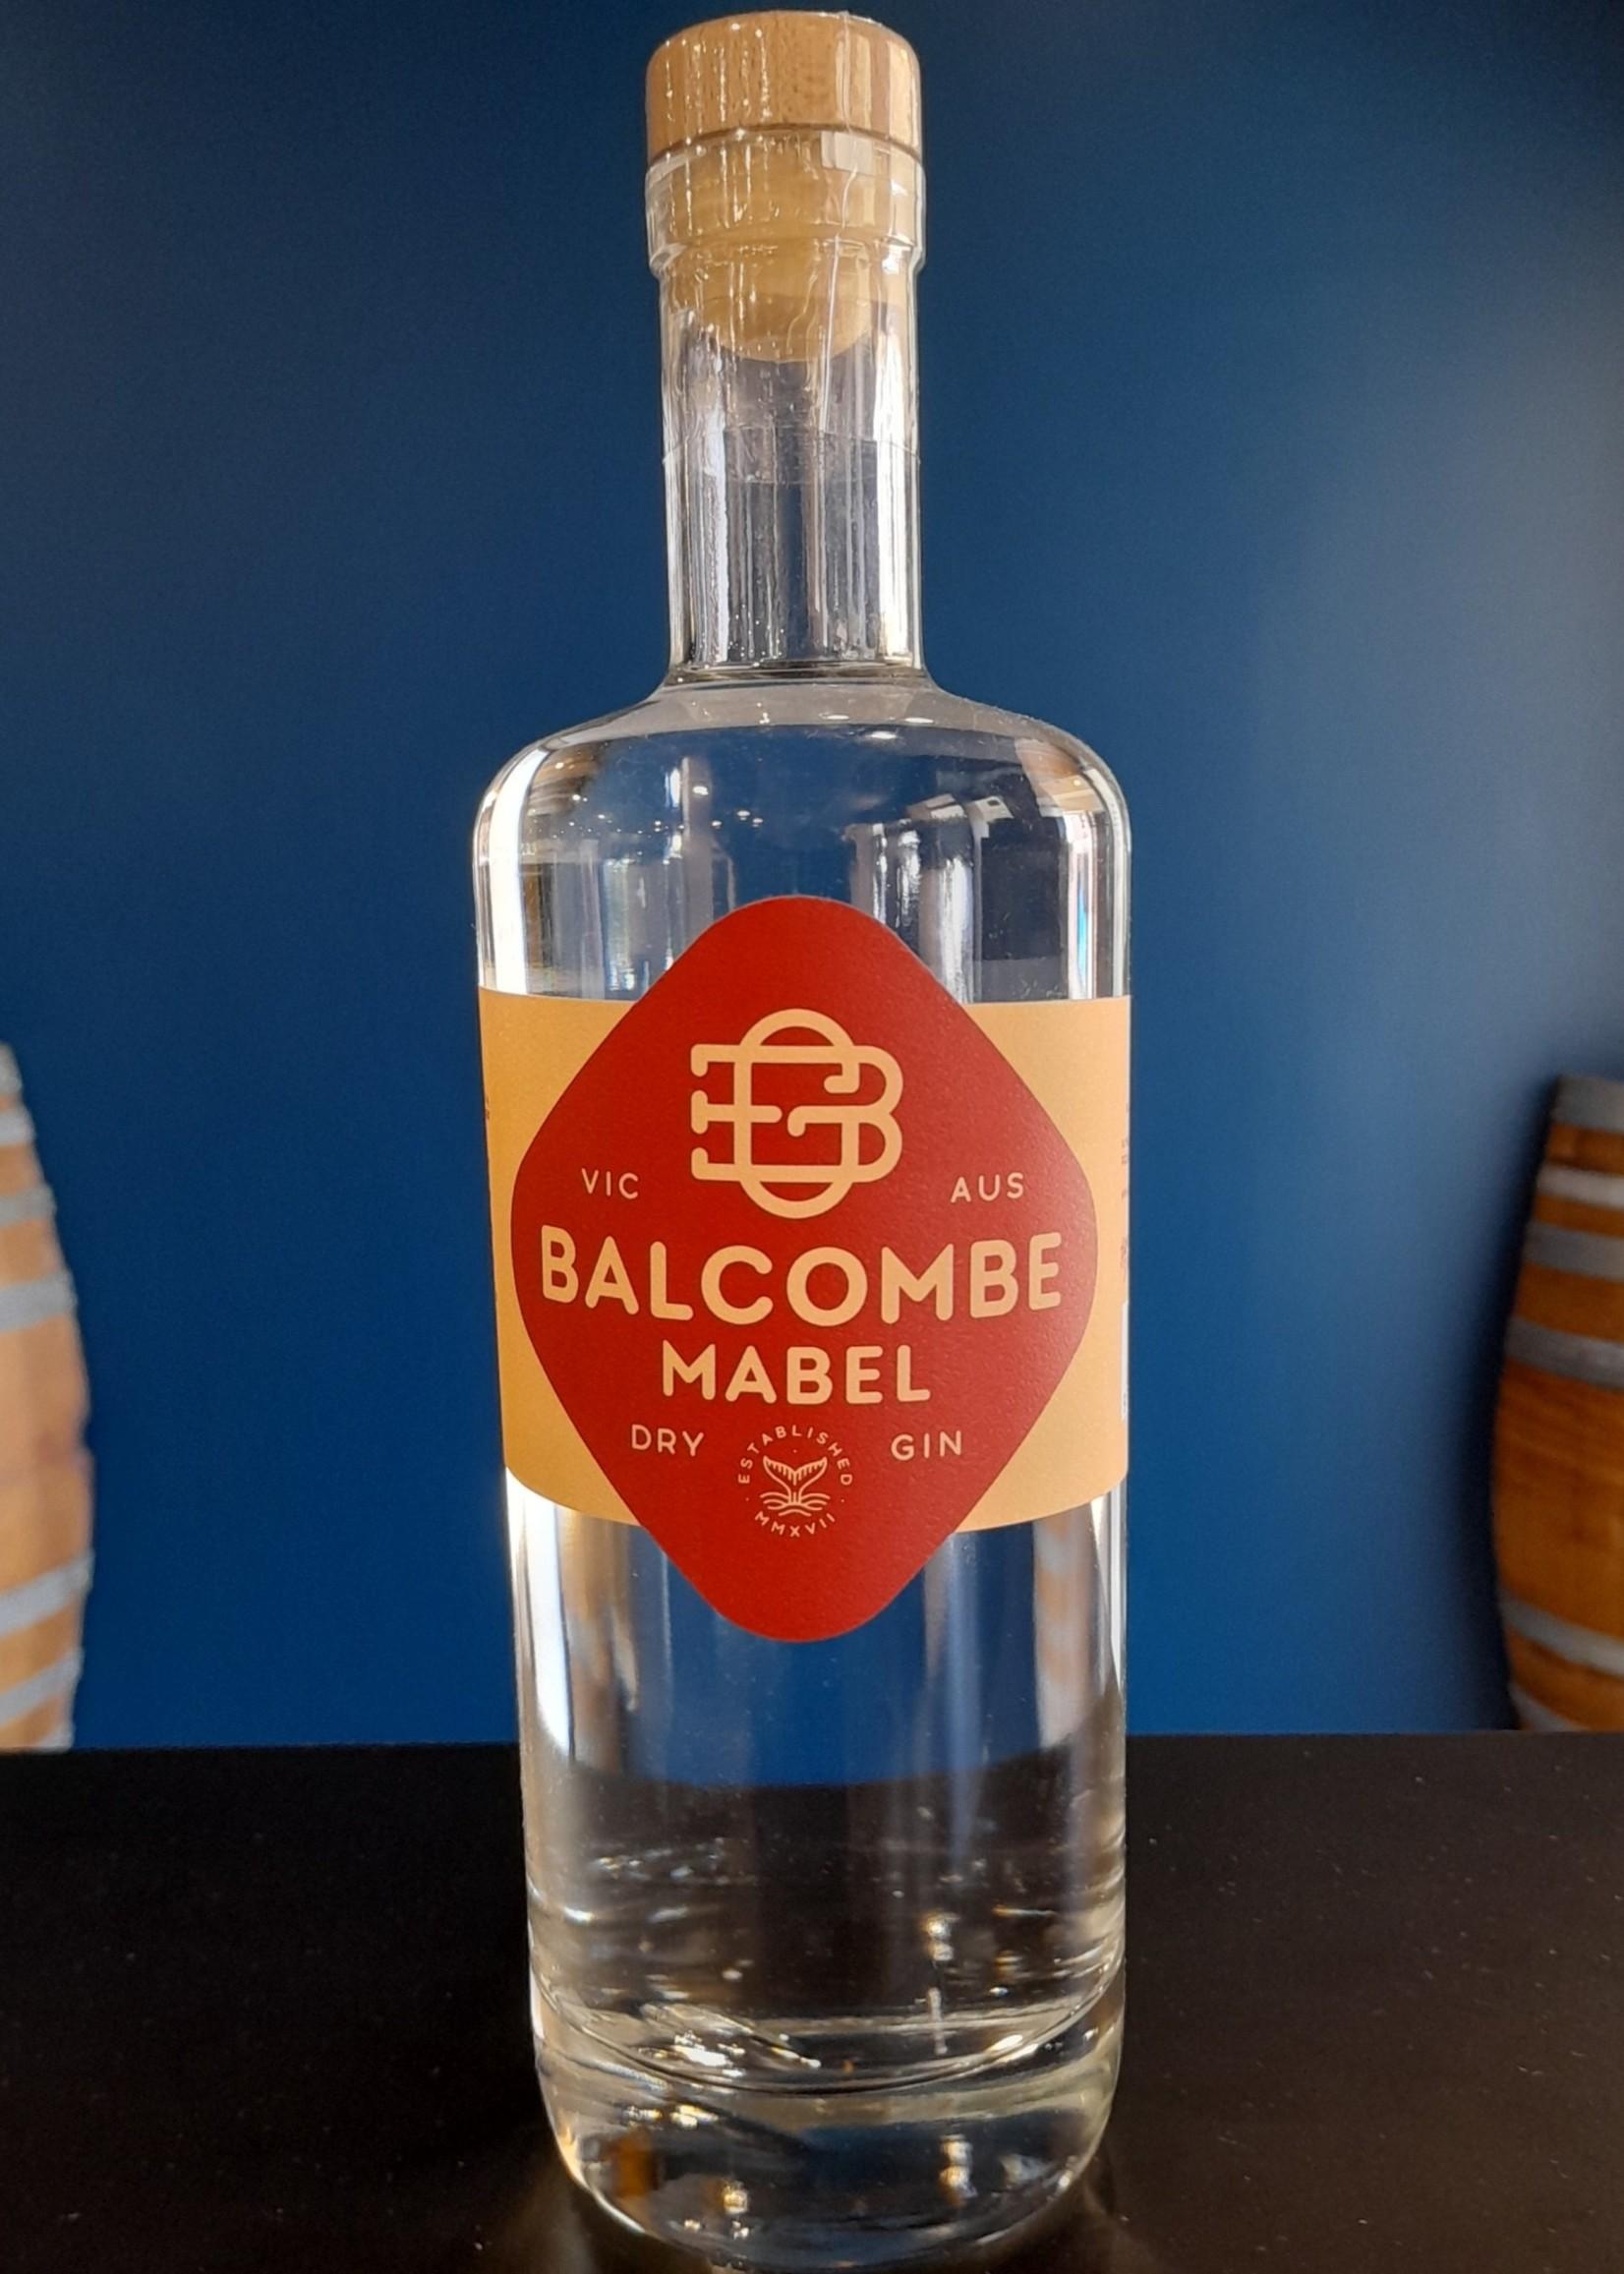 Balcombe Balcombe Mabel Dry Gin